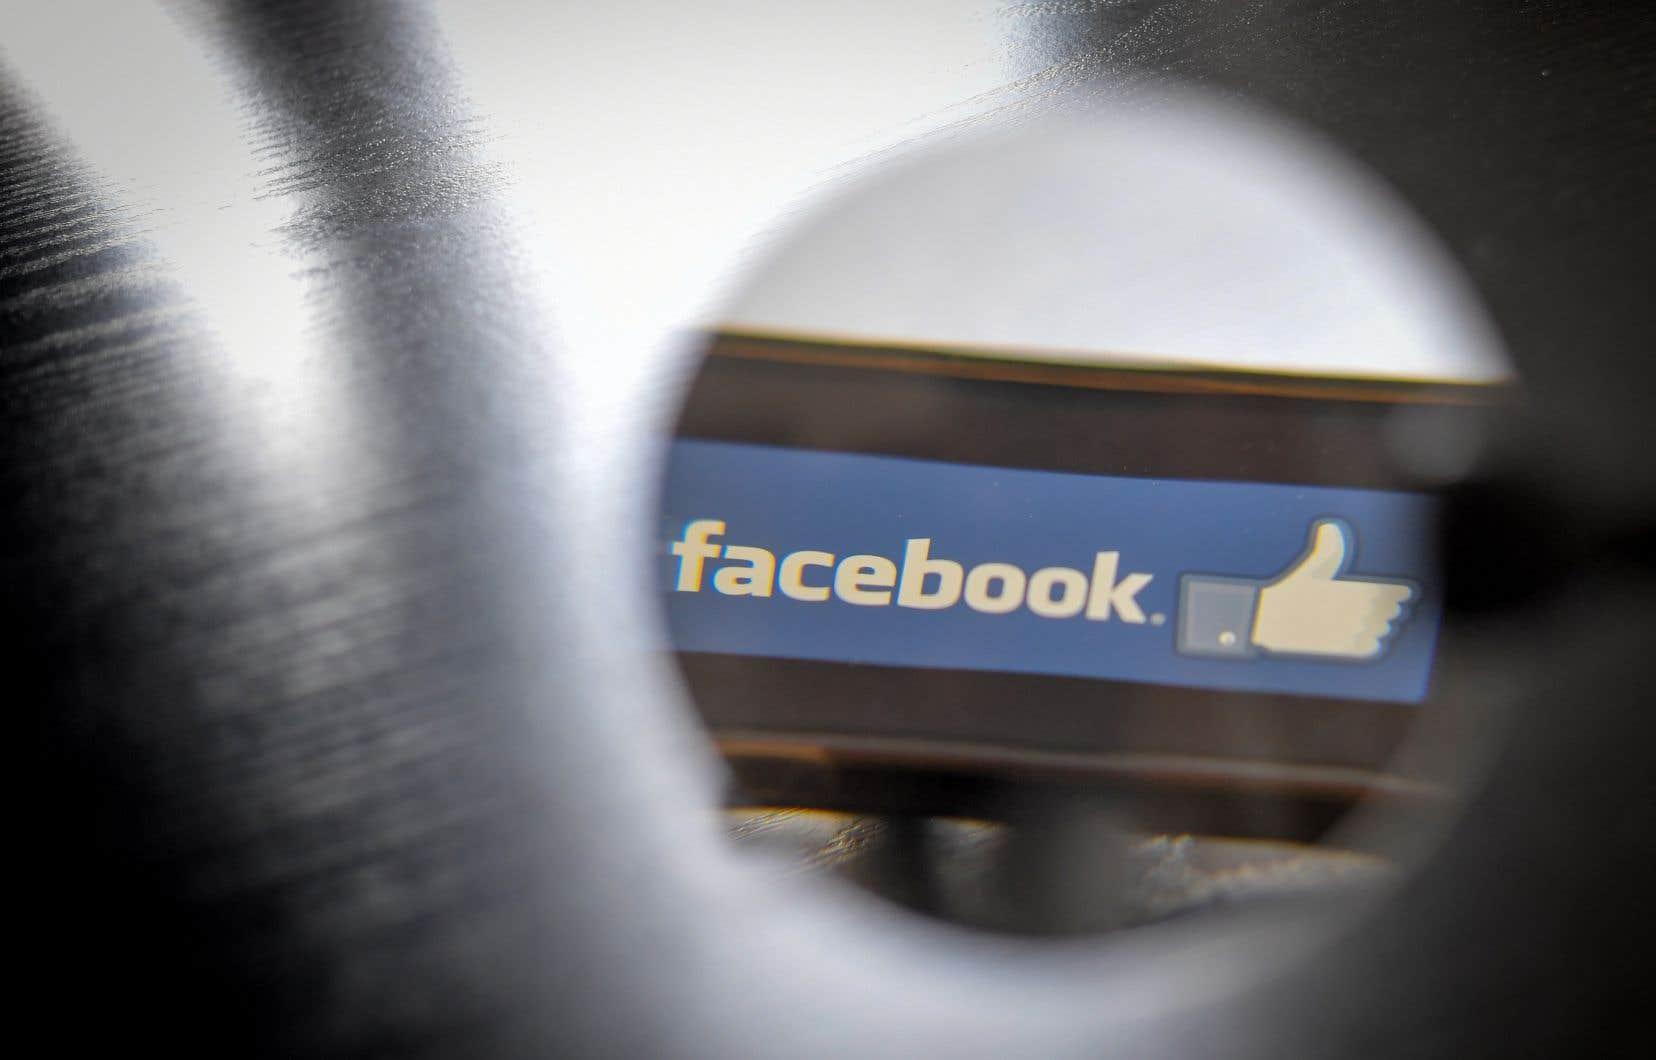 Facebook partage ou a partagé de nombreuses données personnelles avec des entreprises technologiques extérieures, dont les fabricants de smartphones par exemple.